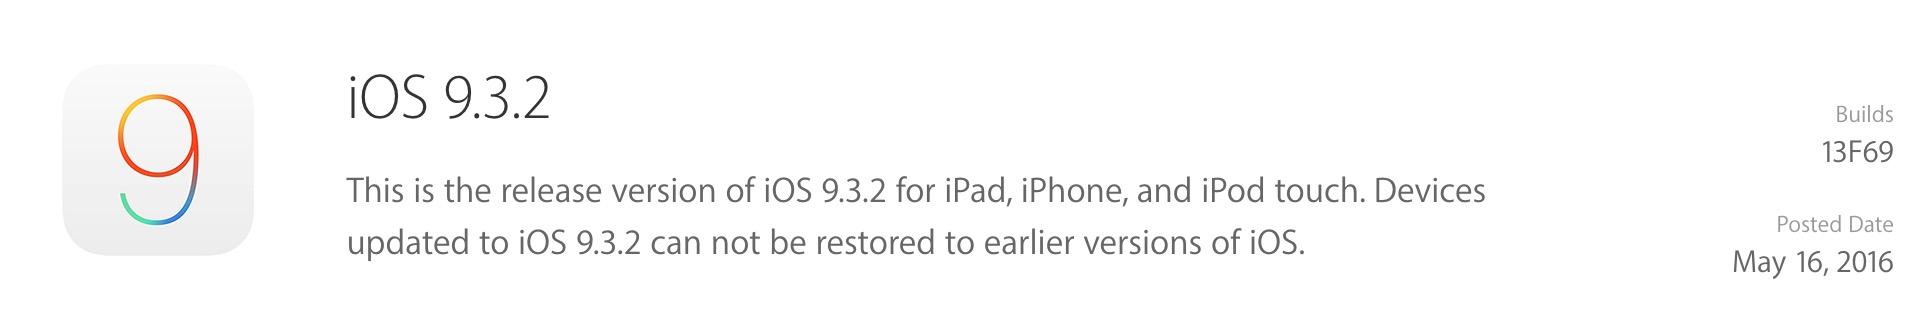 Apple ปล่อยอัปเดต iOS 9.3.2 อย่างเป็นทางการ (พร้อมรายละเอียดการอัพเดท)